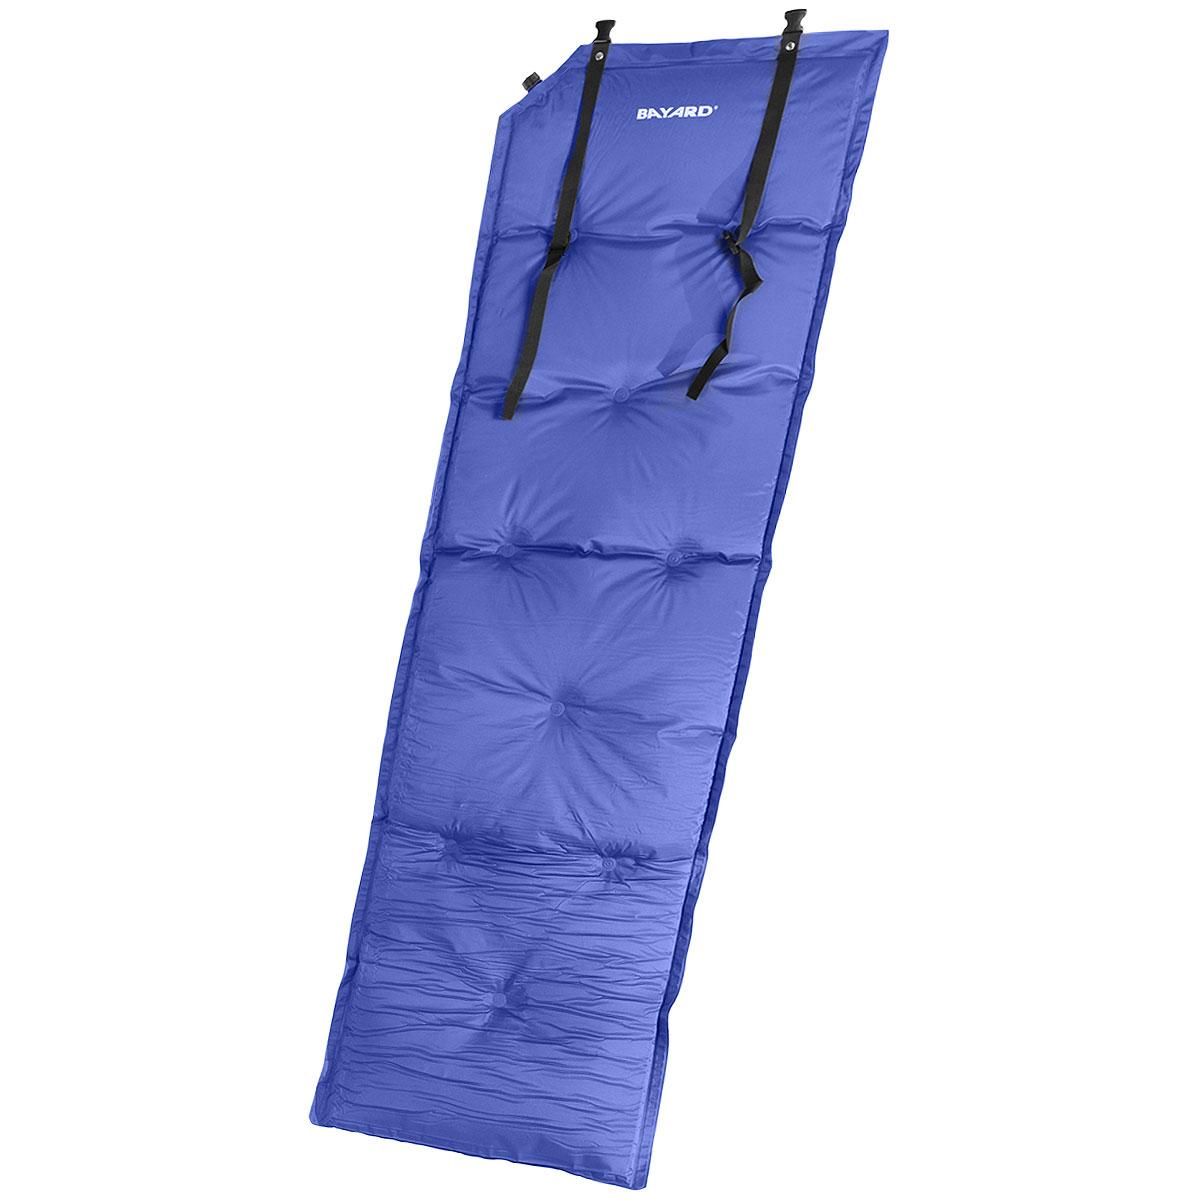 Коврик самонадувающийся Bayard V-Max 25, цвет: синий, 188 см х 55 см х 2,5 смSPIRIT ED 1050Самонадувающийся туристический коврик с подушкой Bayard V-Max 25 предназначен для теплоизоляции, например, между почвой и телом лежащего человека, а также для предохранения спального мешка от повреждений и влаги. Очень простой в использовании, легко и быстро надувается, компактный и легкий. Для того, чтобы надуть коврик, просто откройте клапан, через пару минут коврик расправится и закройте клапан. Подушку необходимо надуть самостоятельно! Коврик готов к использованию! Он не даст вам замерзнуть и сделает отдых более комфортным даже на корнях или на камнях. Изделие отличается прочностью и износостойкостью.В комплекте чехол для переноски и хранения.